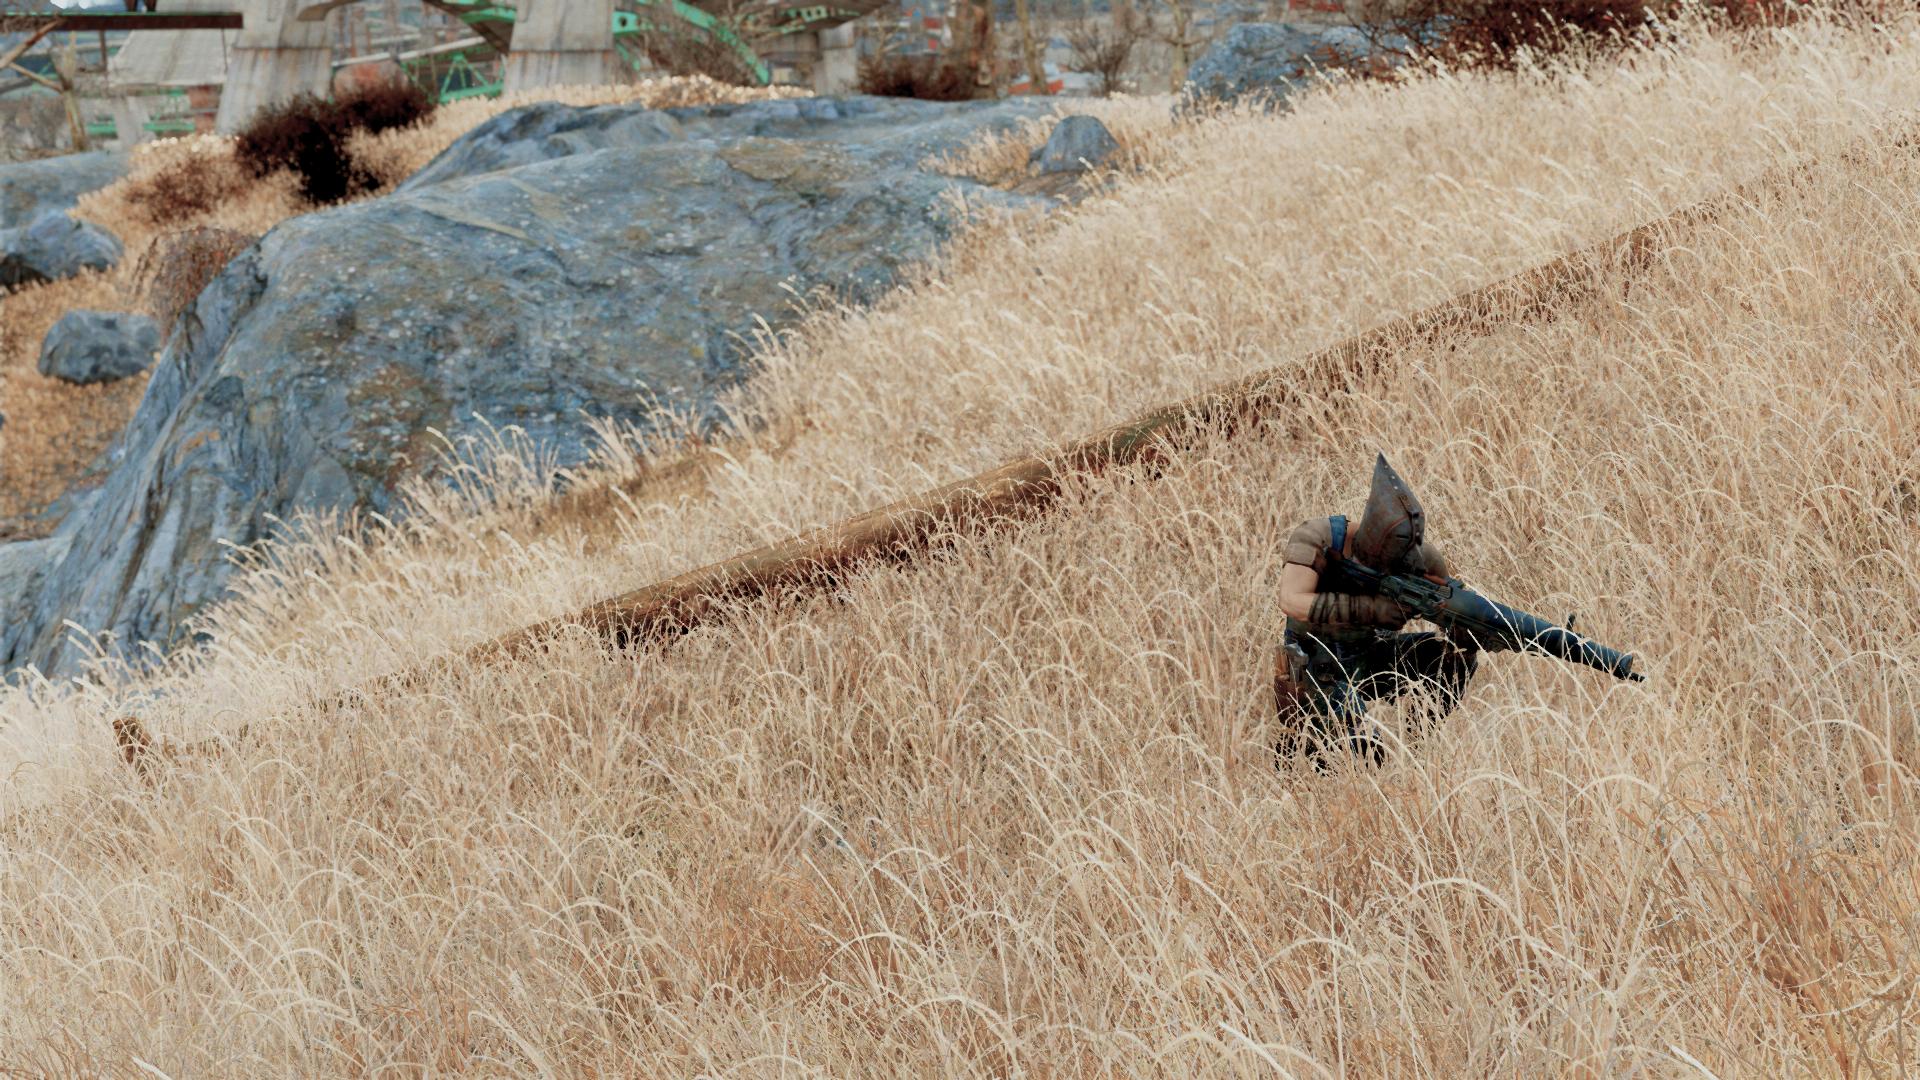 Golden Grass Mod - Fallout 4 Mods | GameWatcher